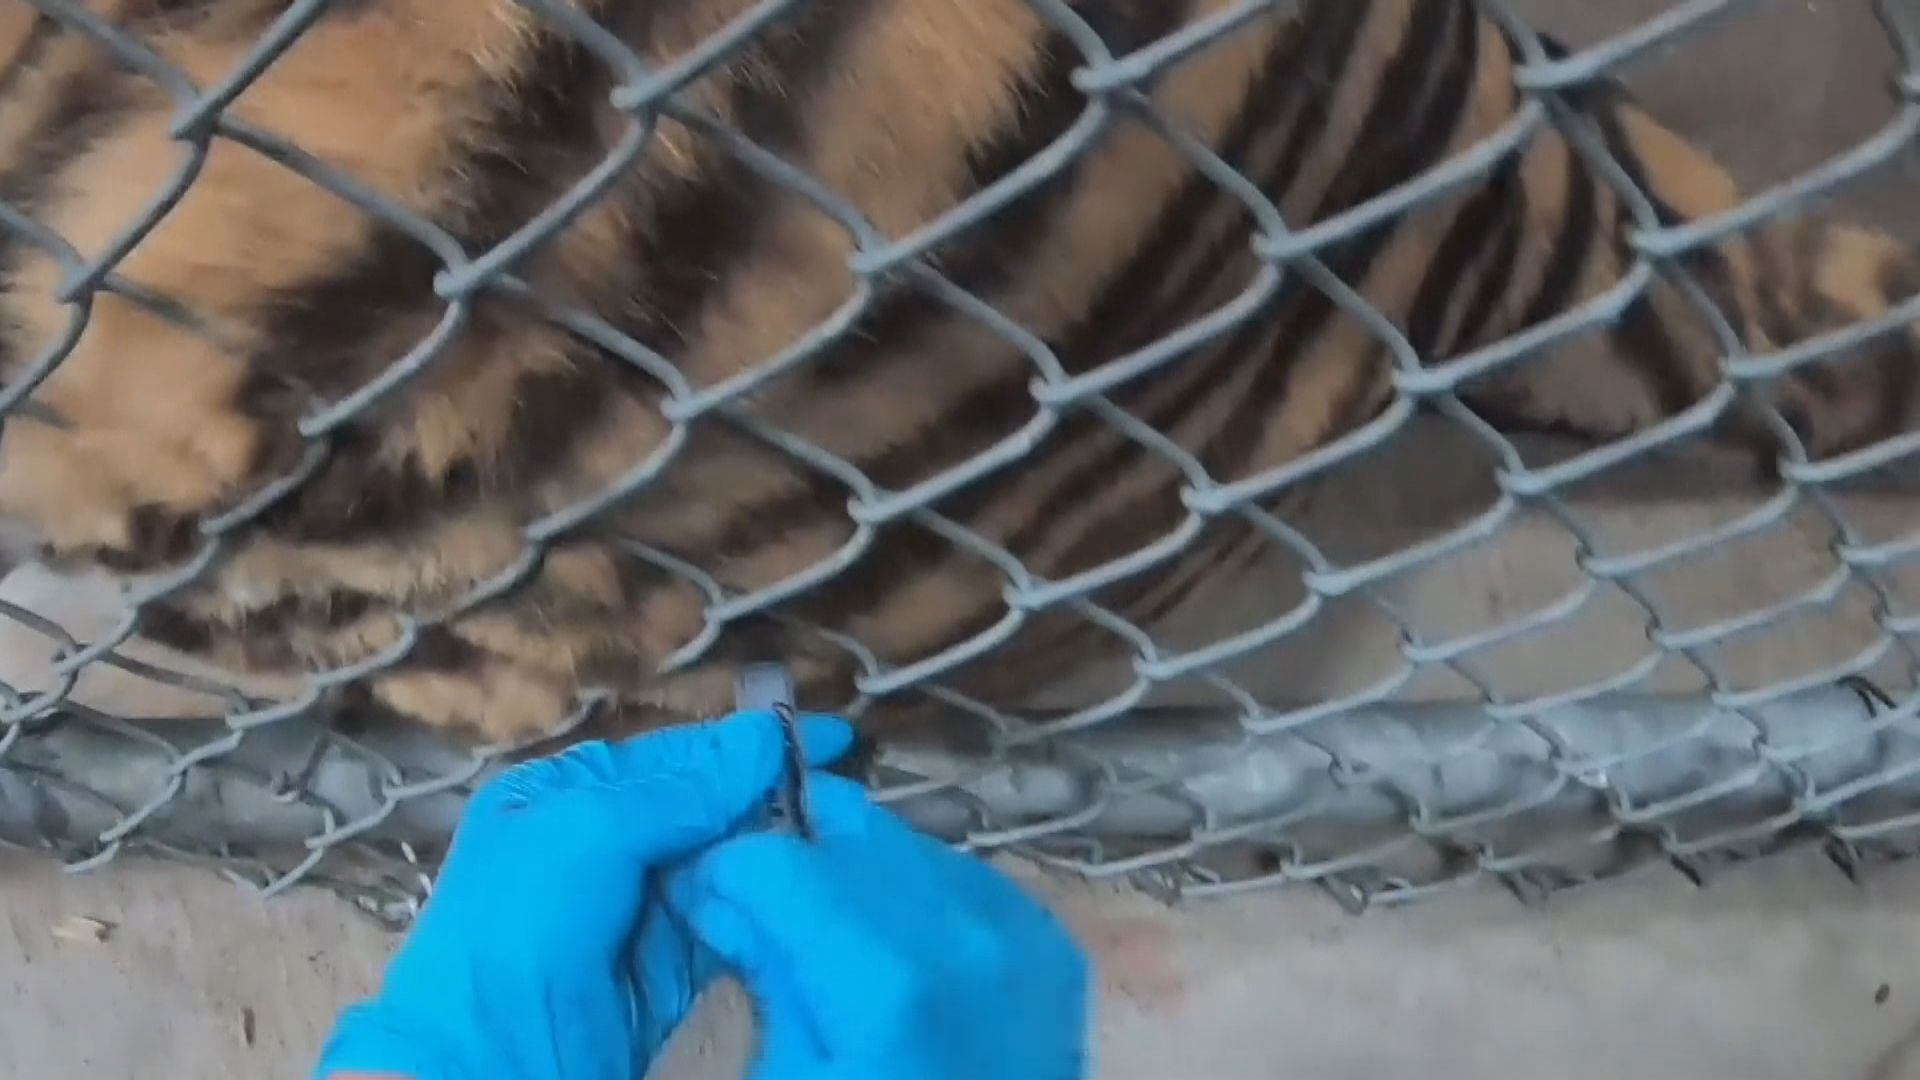 【環球薈報】美國加州有動物園為動物接種新冠疫苗